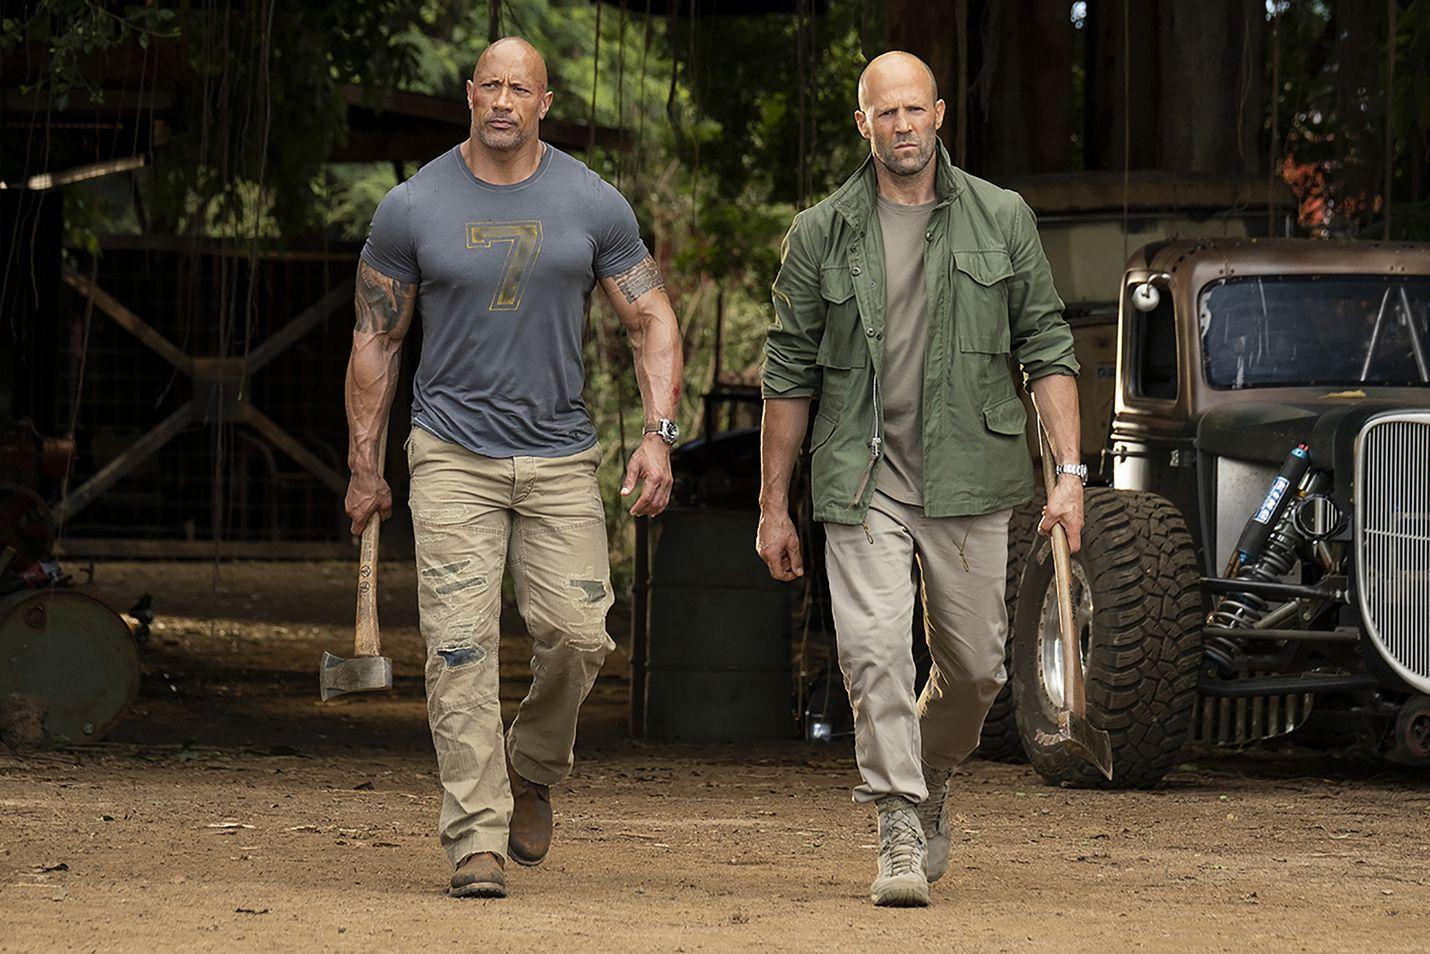 Järkälemäinen oikeudenpalvelija Hobbs (Dwayne Johnson) ja lain hämärämmällä puolella operoiva Shaw (Jason Statham) ovat vuosien ajan olleet turpakäräjillä.